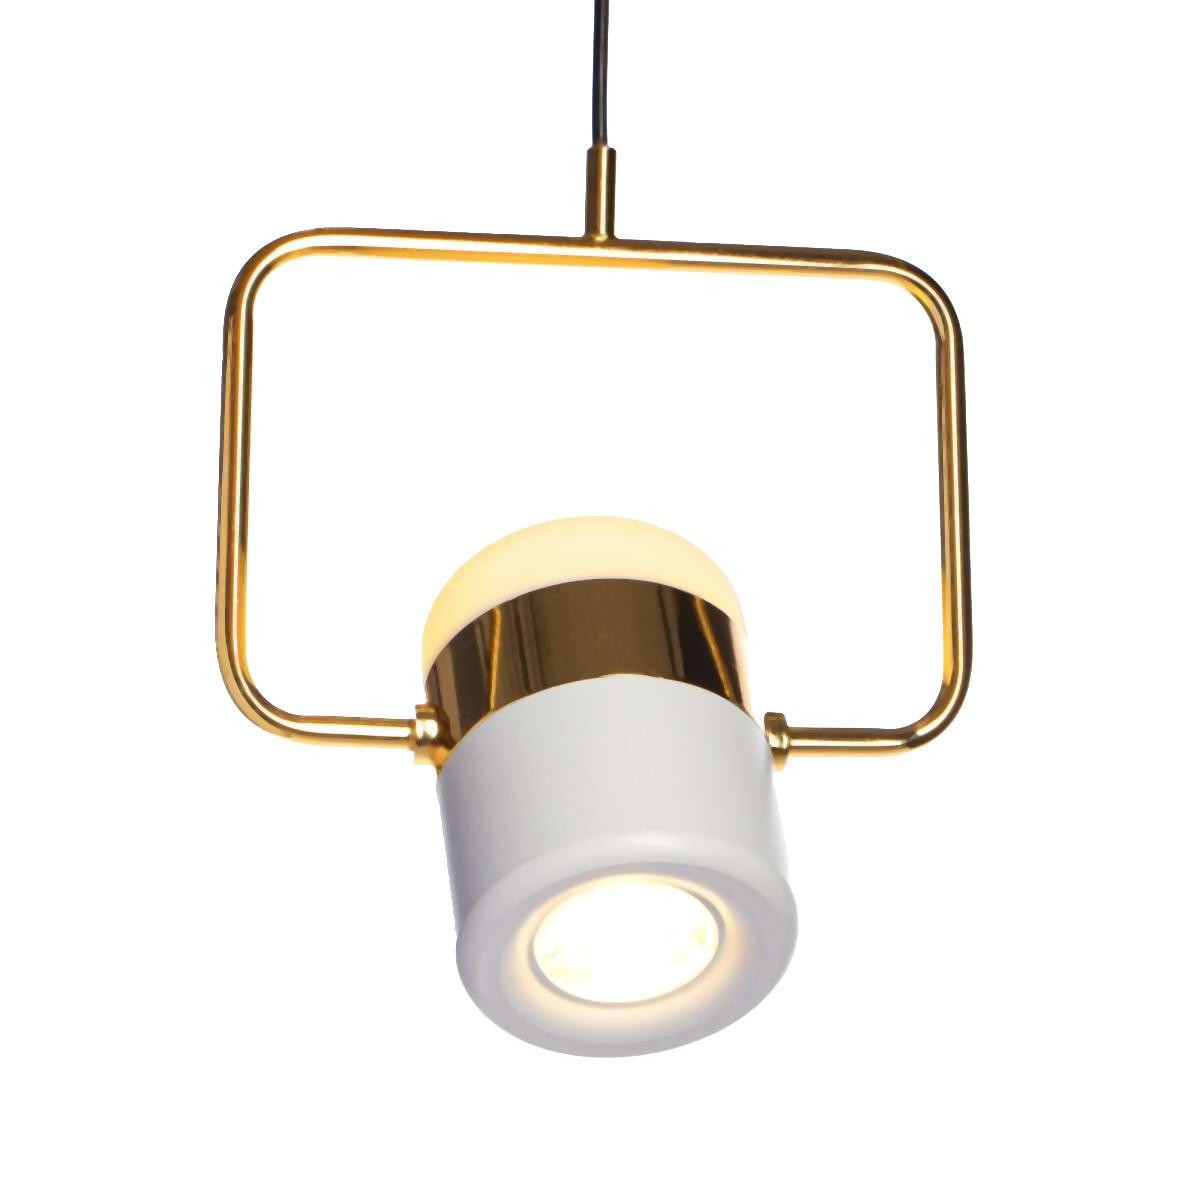 Подвесной светодиодный светильник Loft It Ling 8119-B, LED 8W, золото, белый, металл, металл с пластиком - фото 3